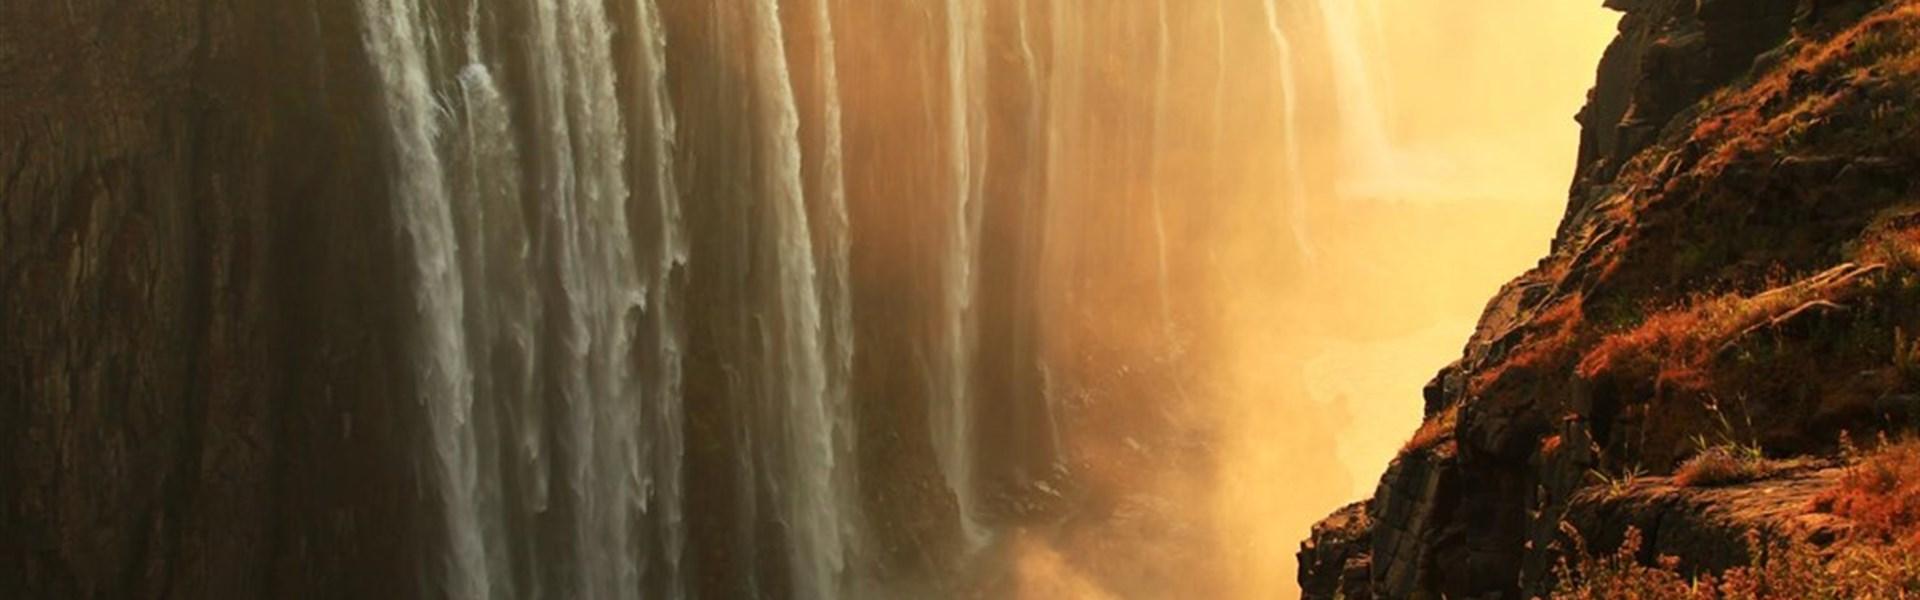 Prodloužení zájezdů do JAR - Viktoriiny vodopády - Viktoriiny vodopády s Marco Polo